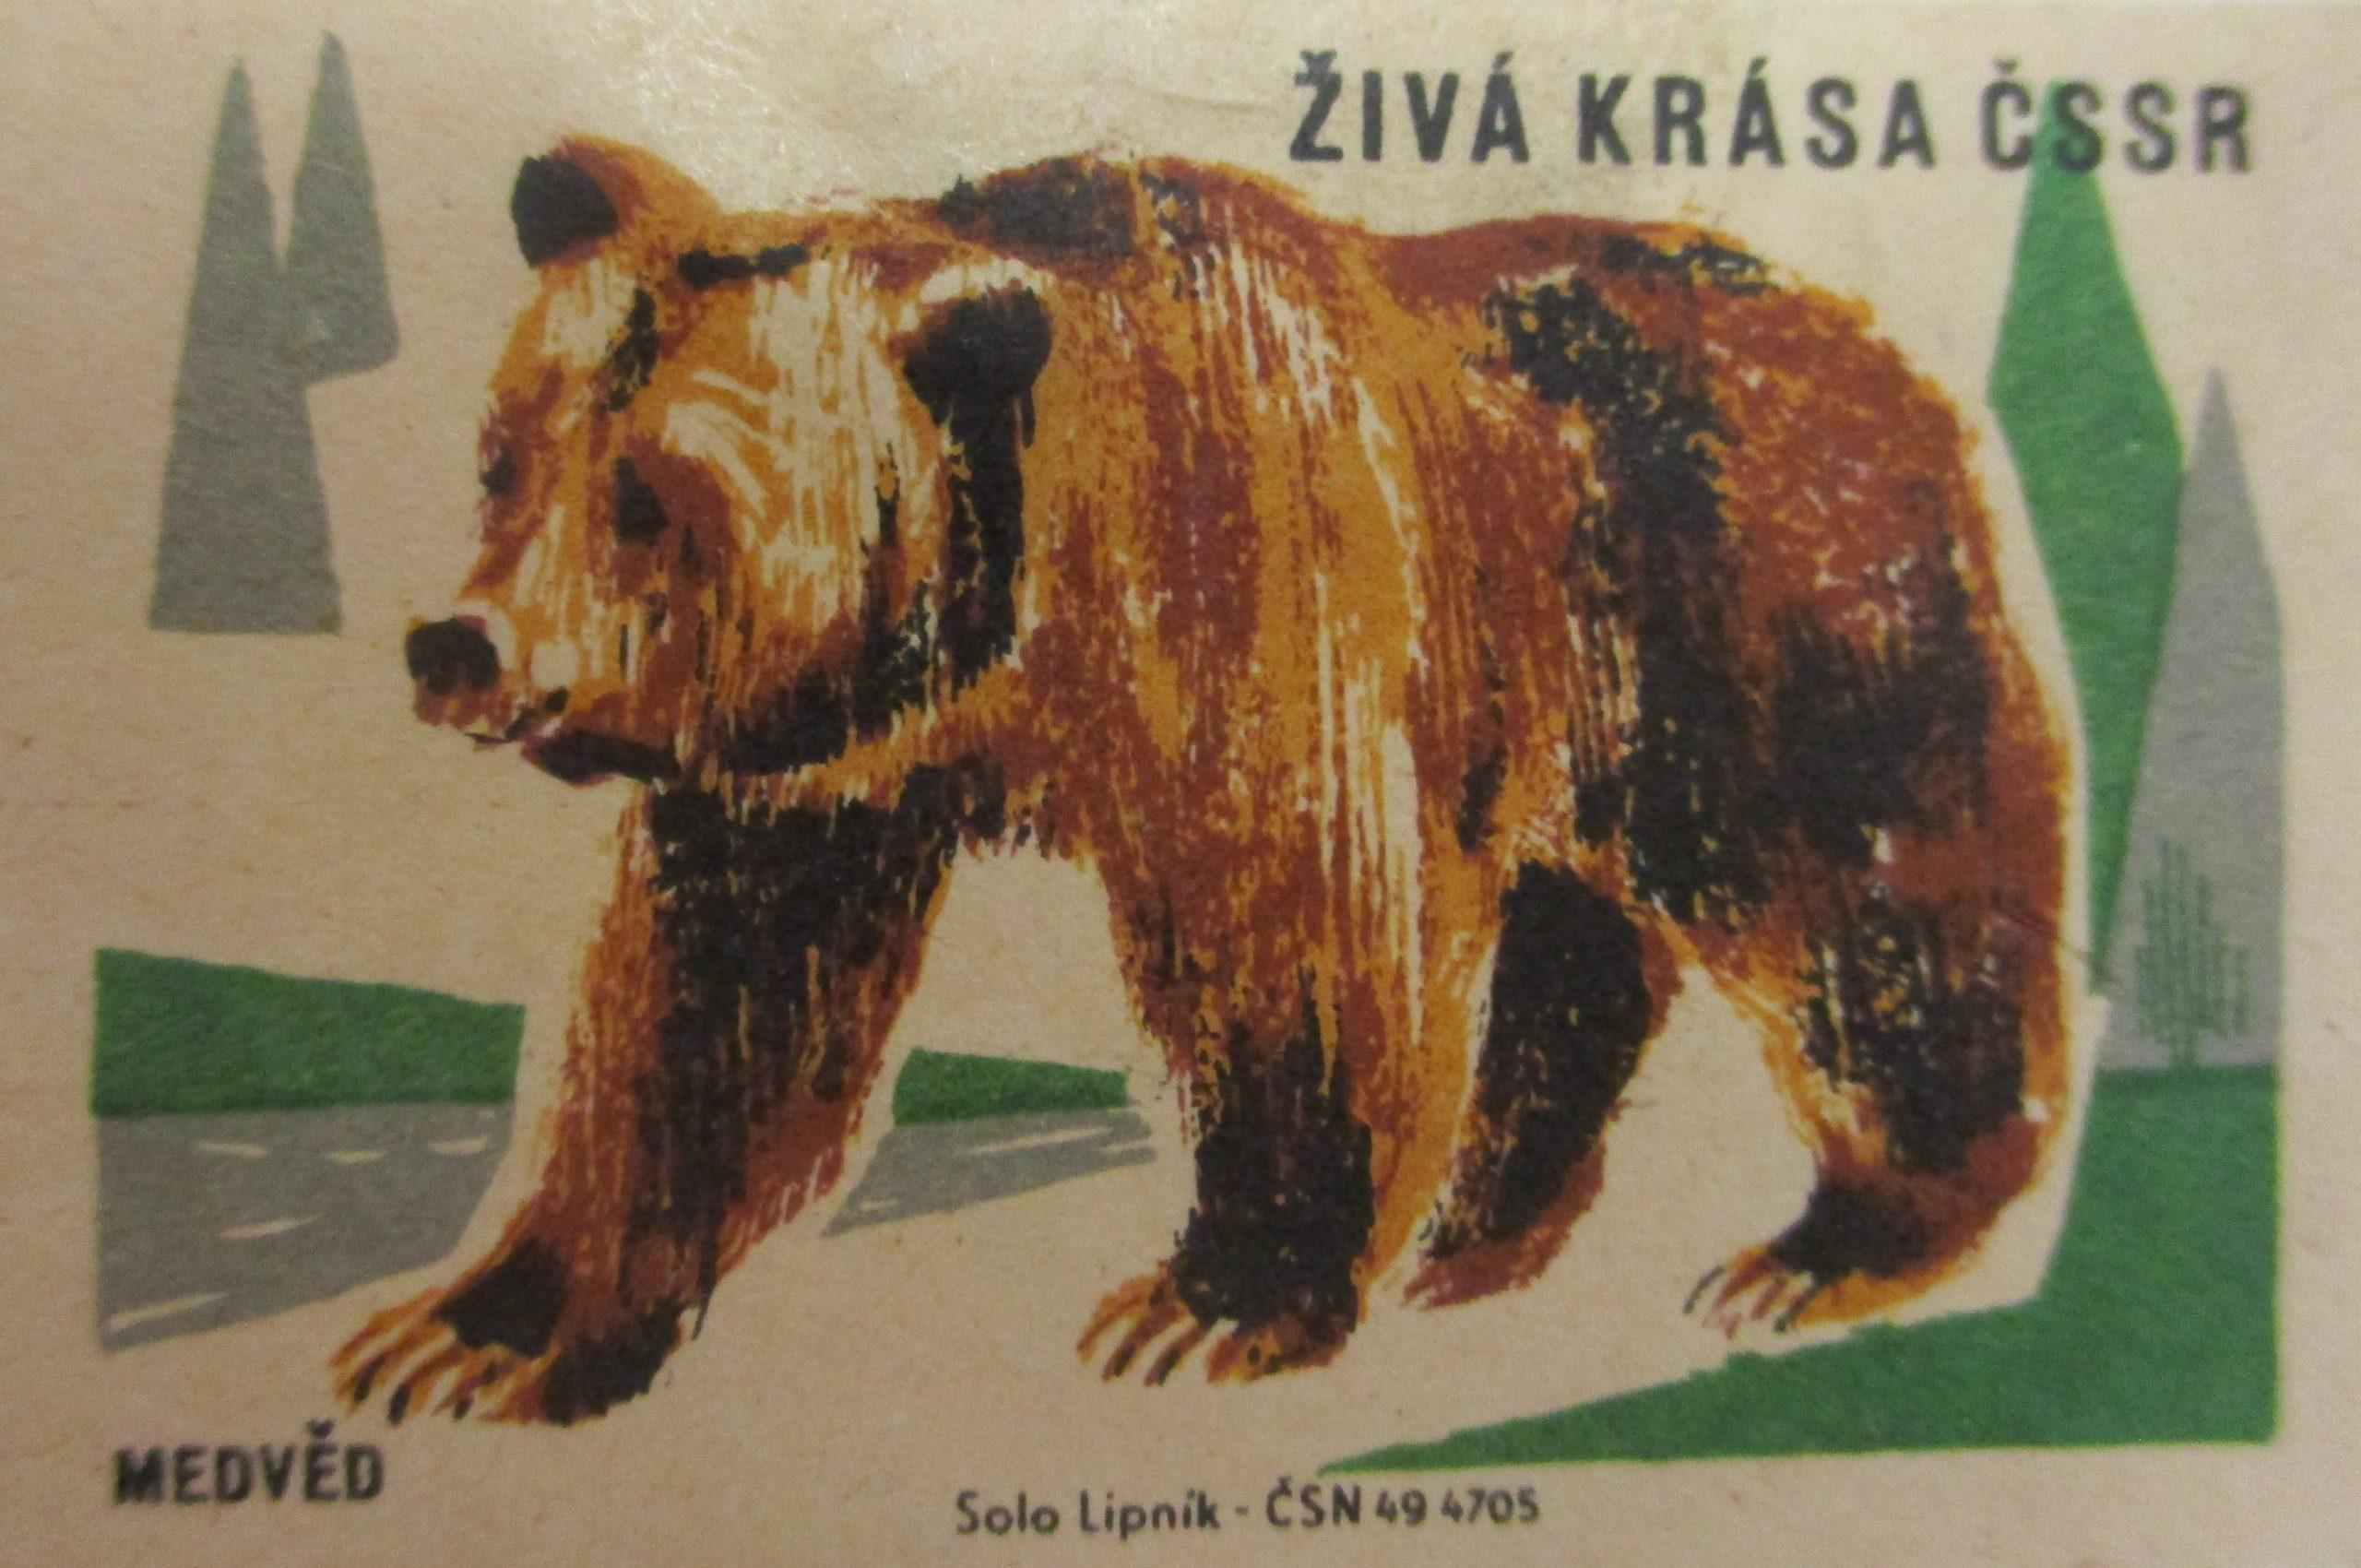 Czechoslovakian matchbox label 50 mm x 34 mm ca. 1961